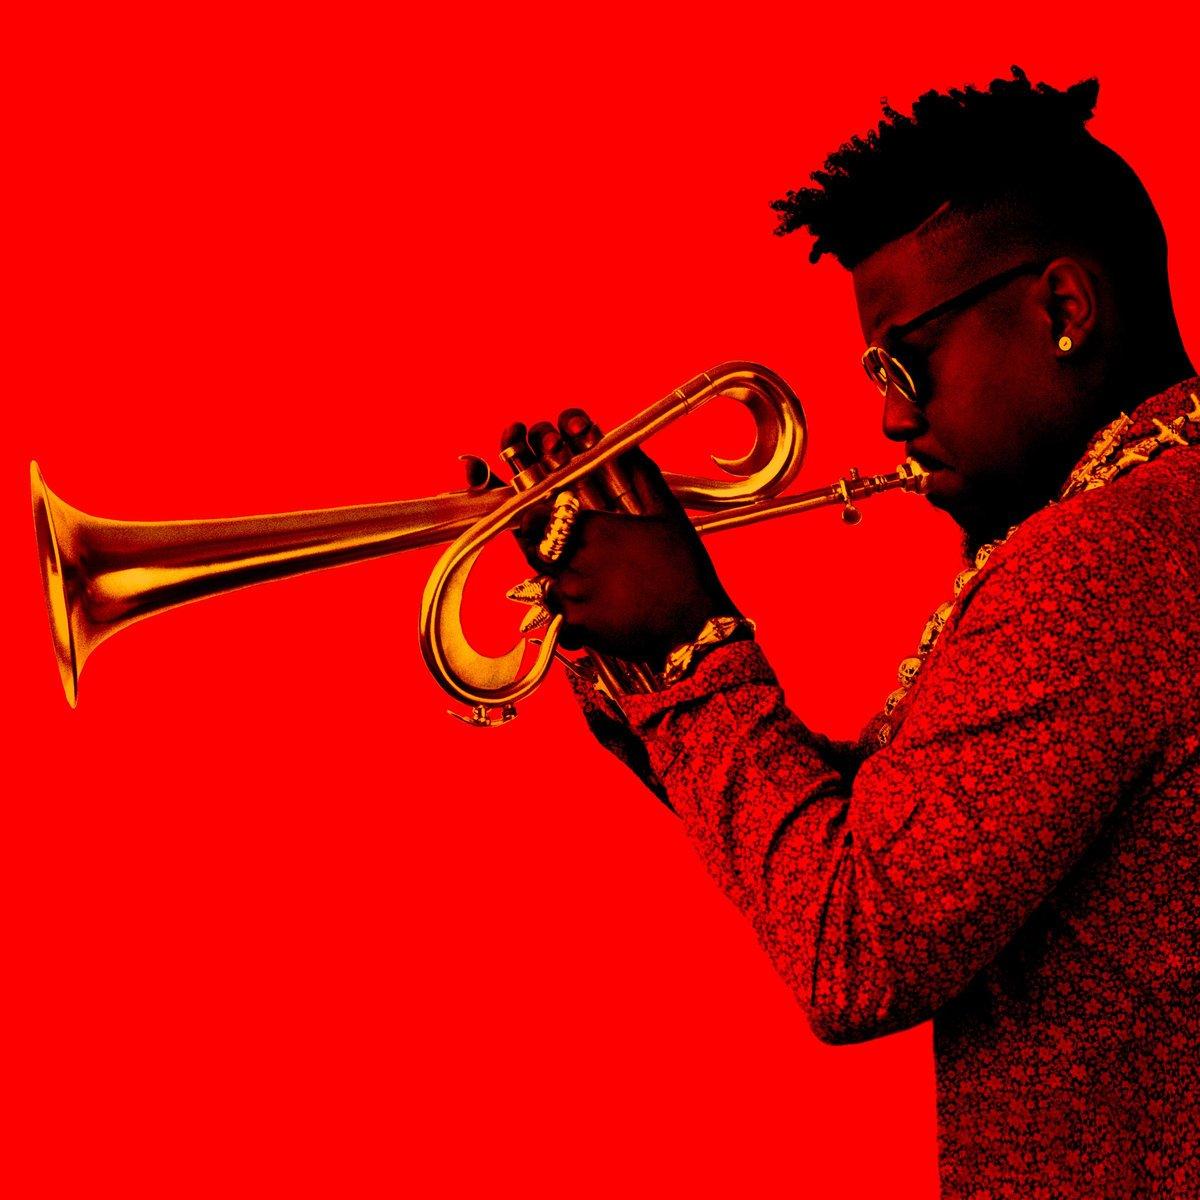 Jazz del que mola. - Página 4 DG-eDX6WAAAF1vH